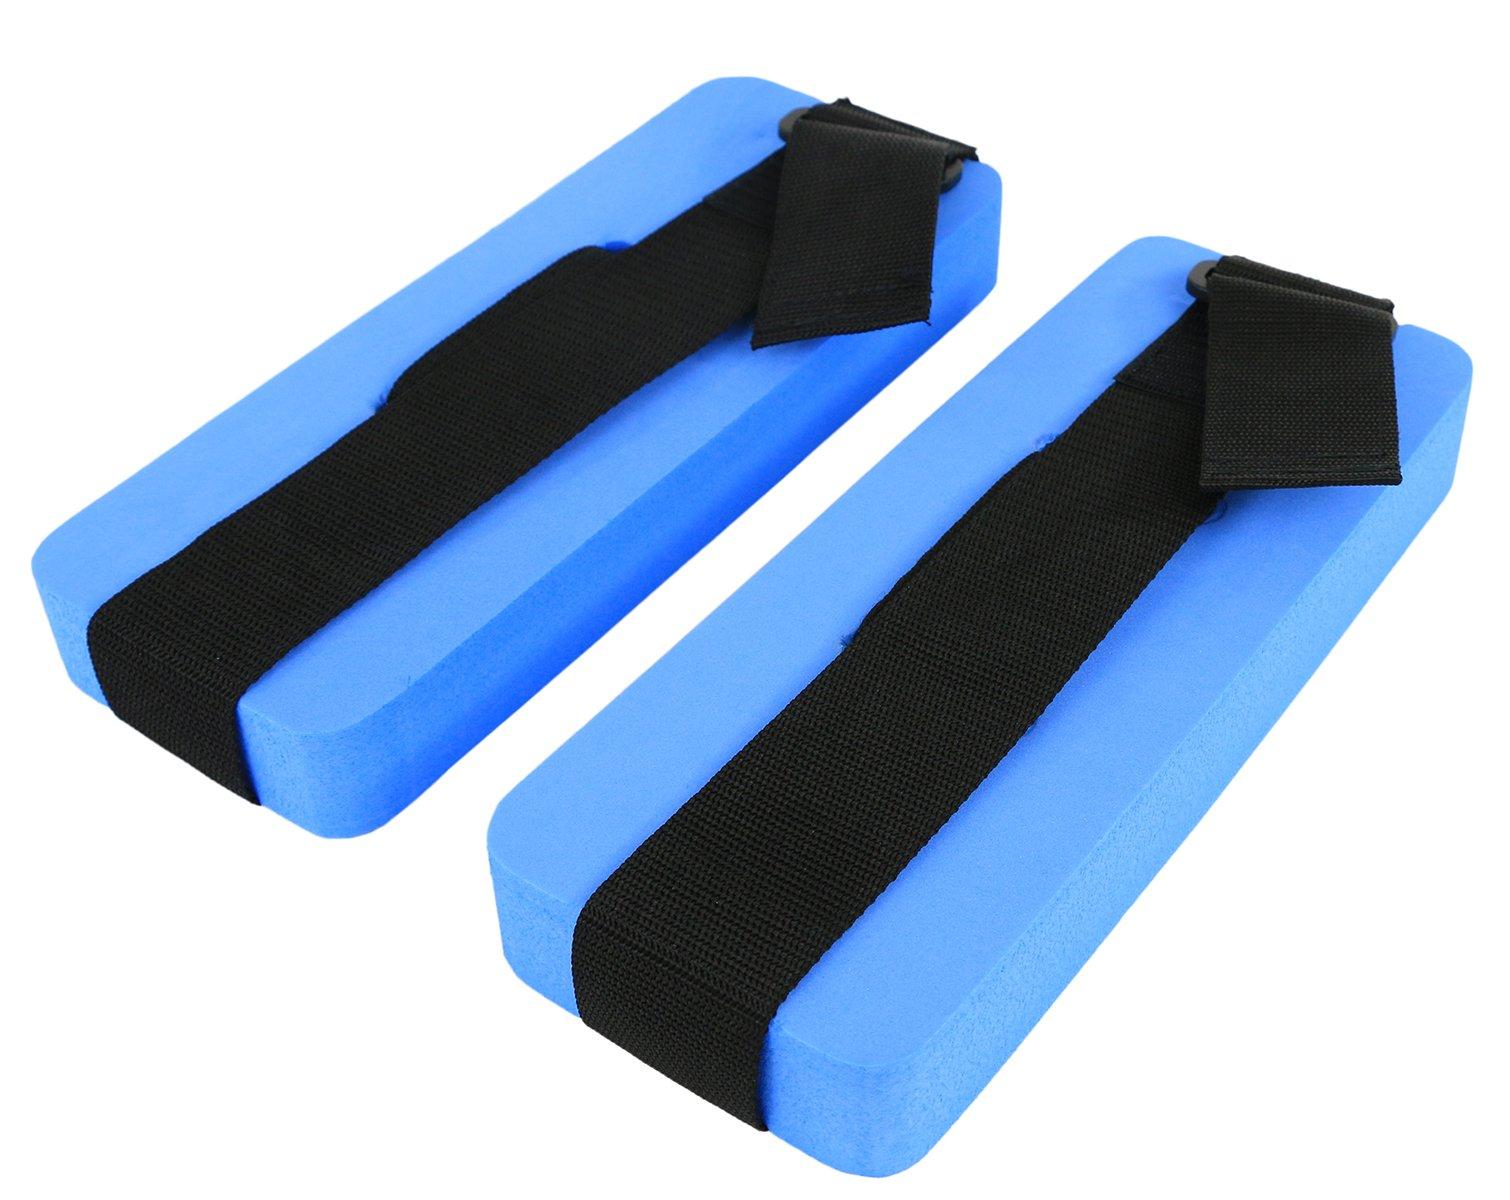 CanDo 20-4040B Ankle Cuffs, Pair, Blue